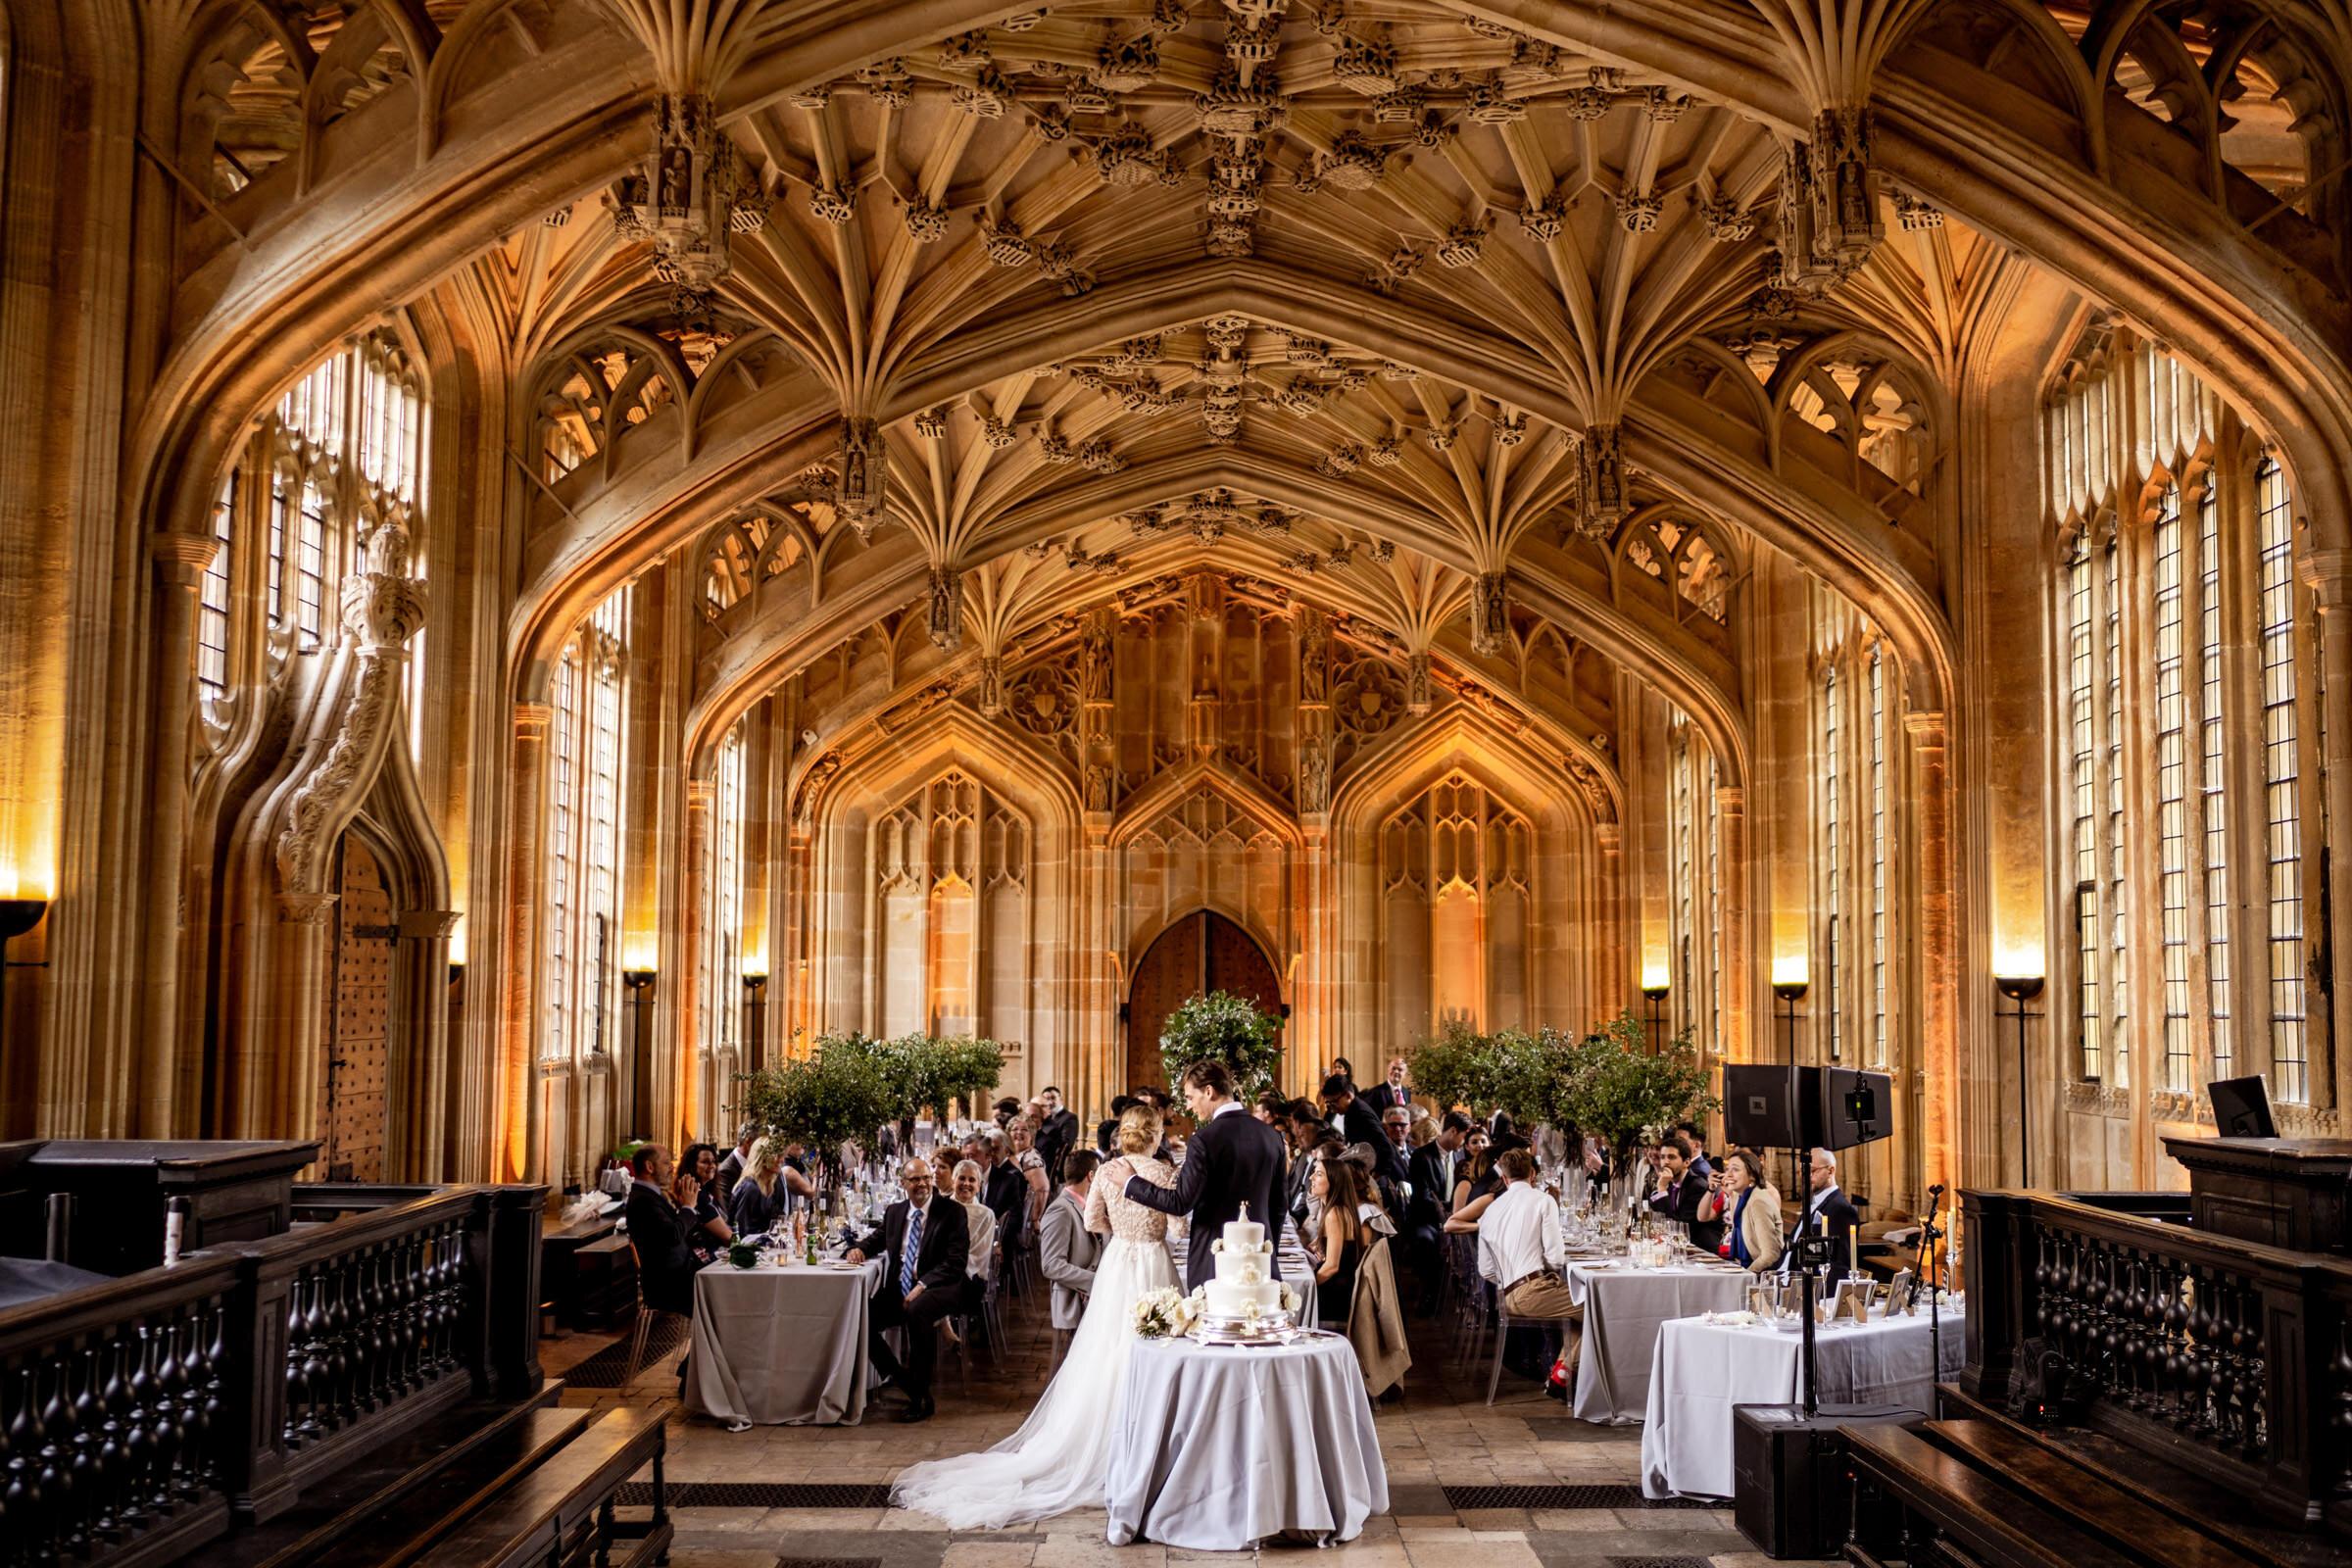 《图书馆》的《《《《《《《《《公主》》《《婚礼》》